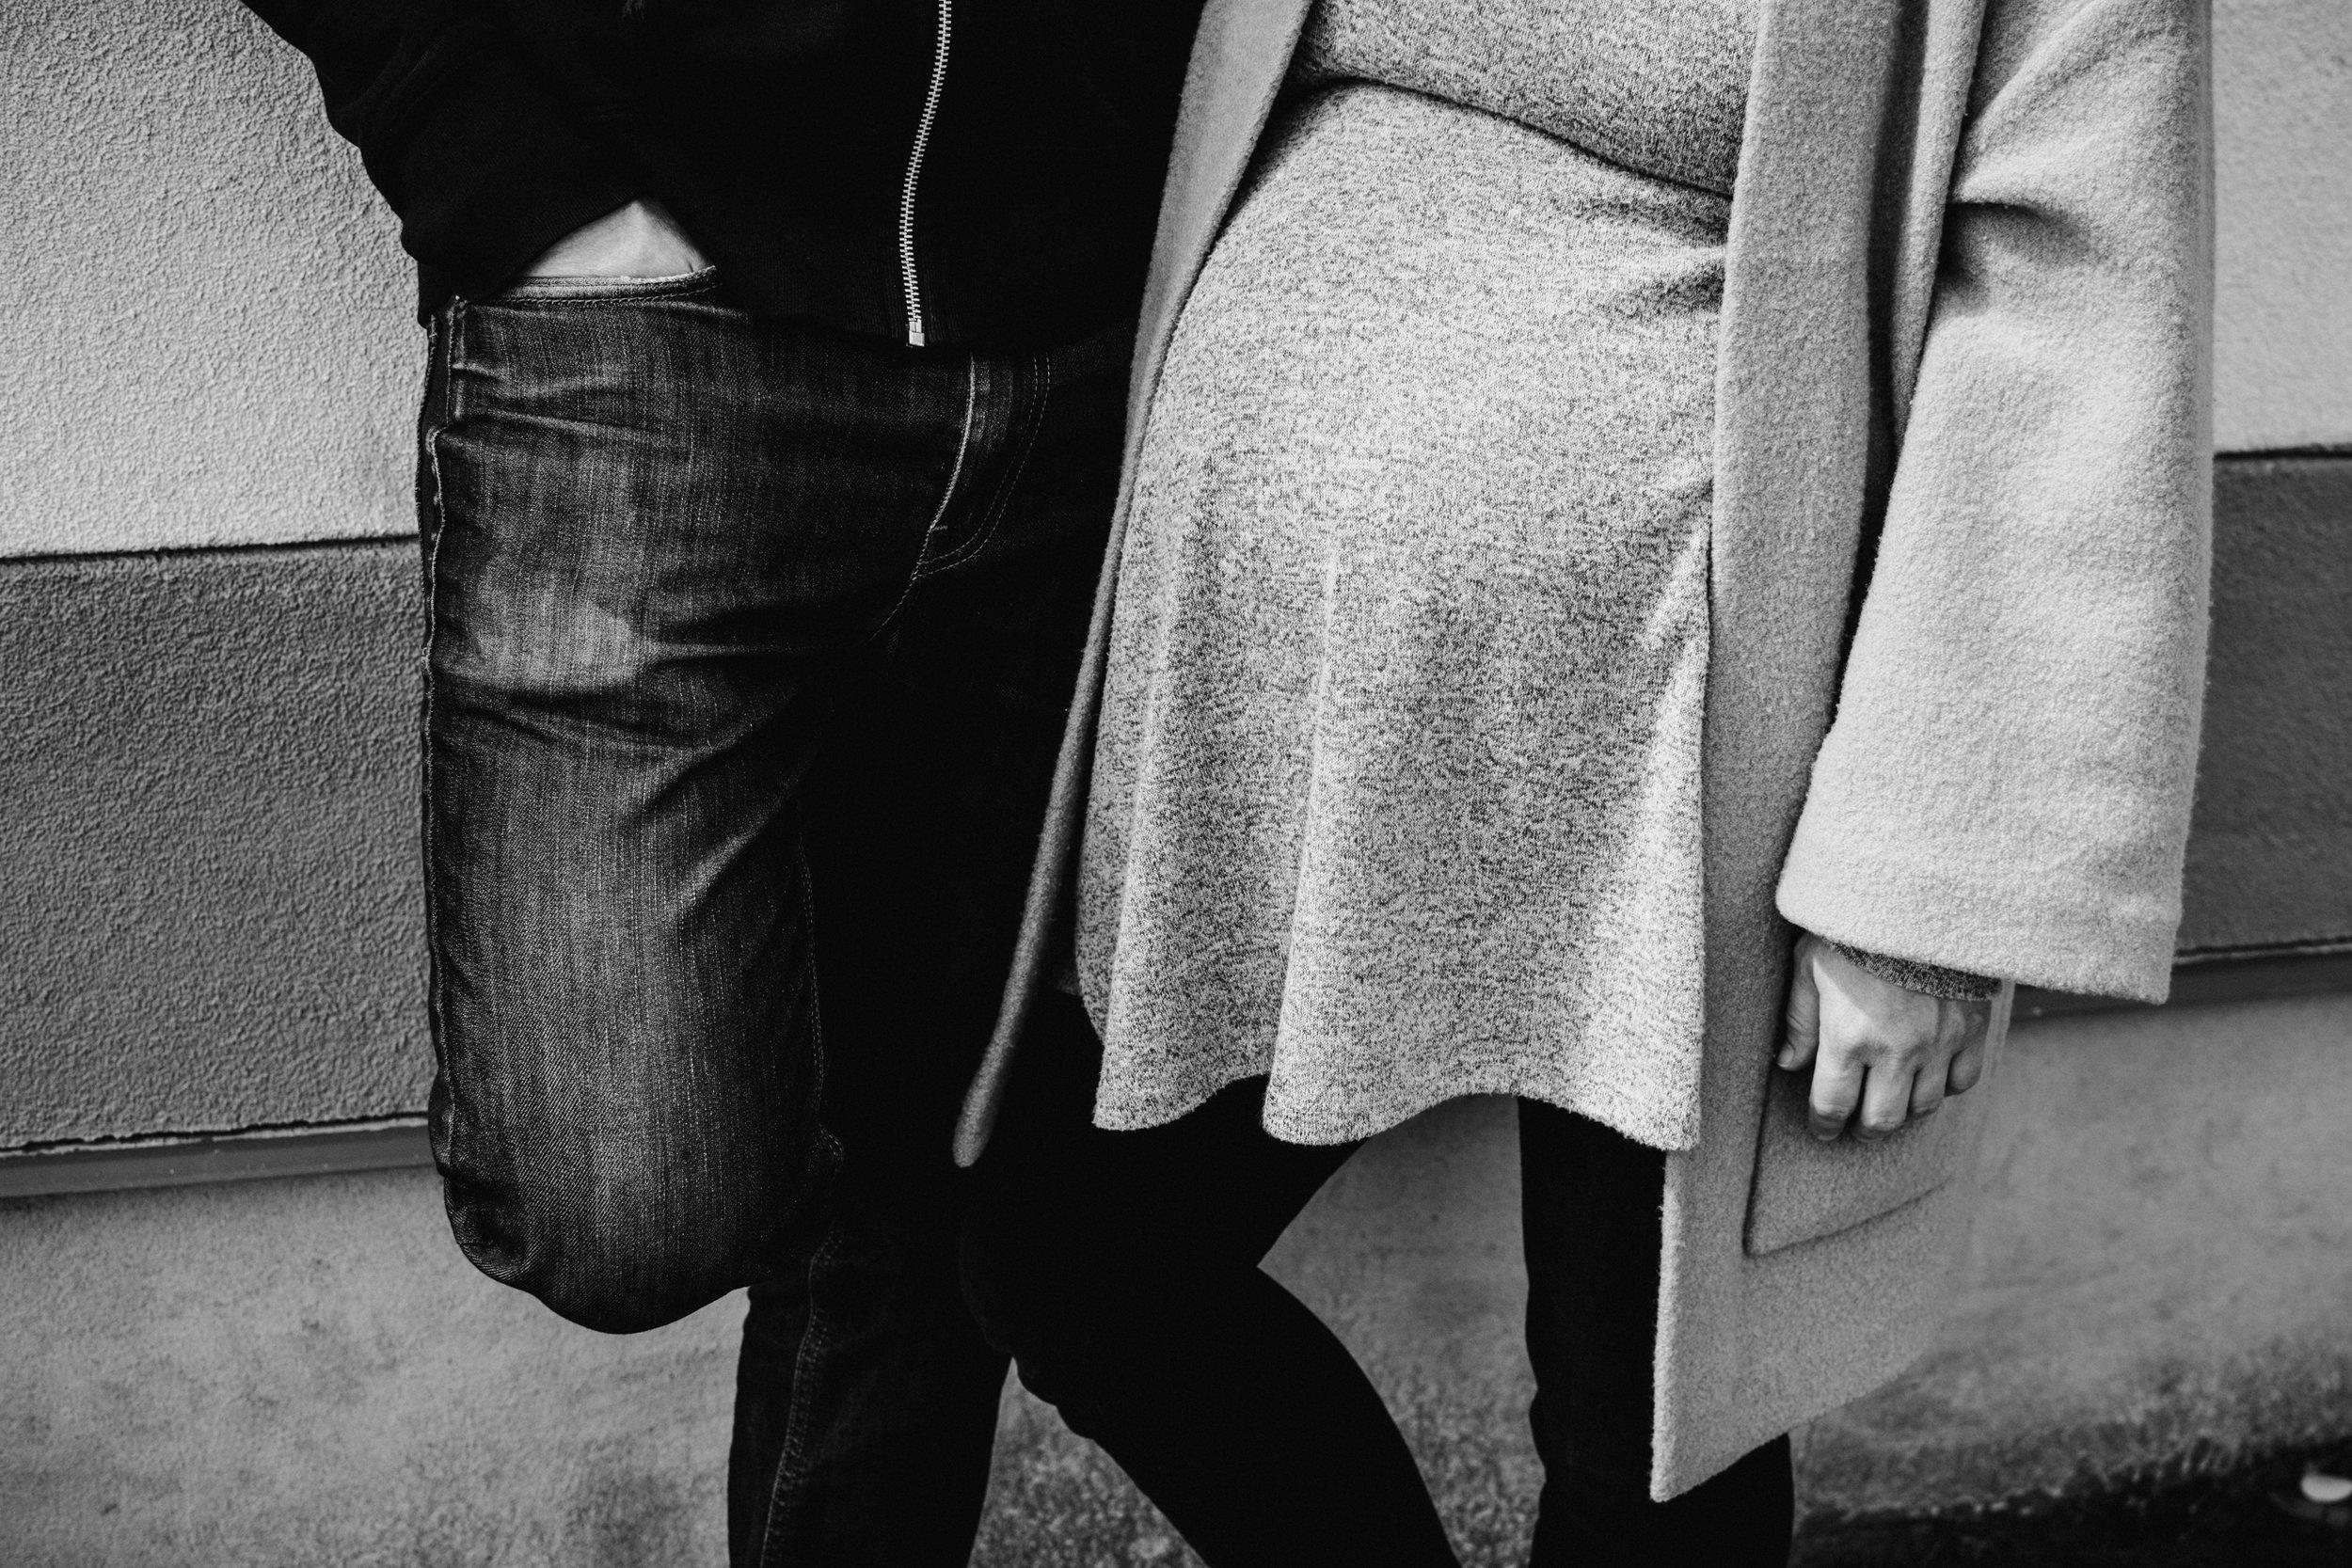 035-photo-noir-et-blanc-d-un-gros-plan-sur-le-ventre-dune-femme-enceinte-a-cote-de-son-copain-photographe-lifestyle-famille-et-nouveau-ne-a-montreal-marianne-charland-94.jpg